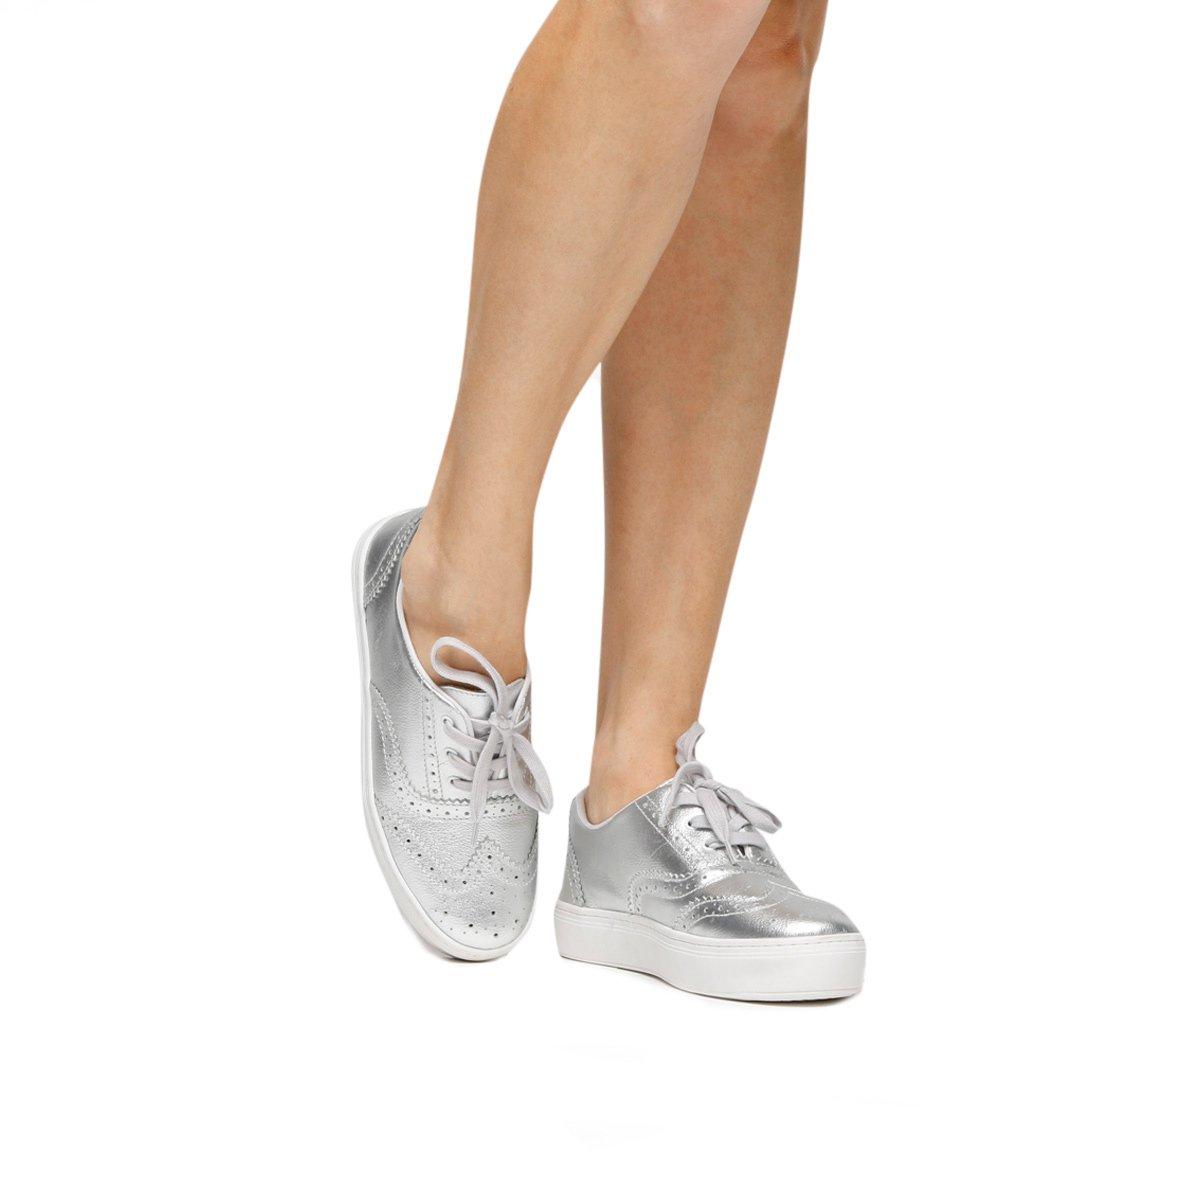 362b1c695b Tênis Couro Shoestock Brogues Feminino - Compre Agora